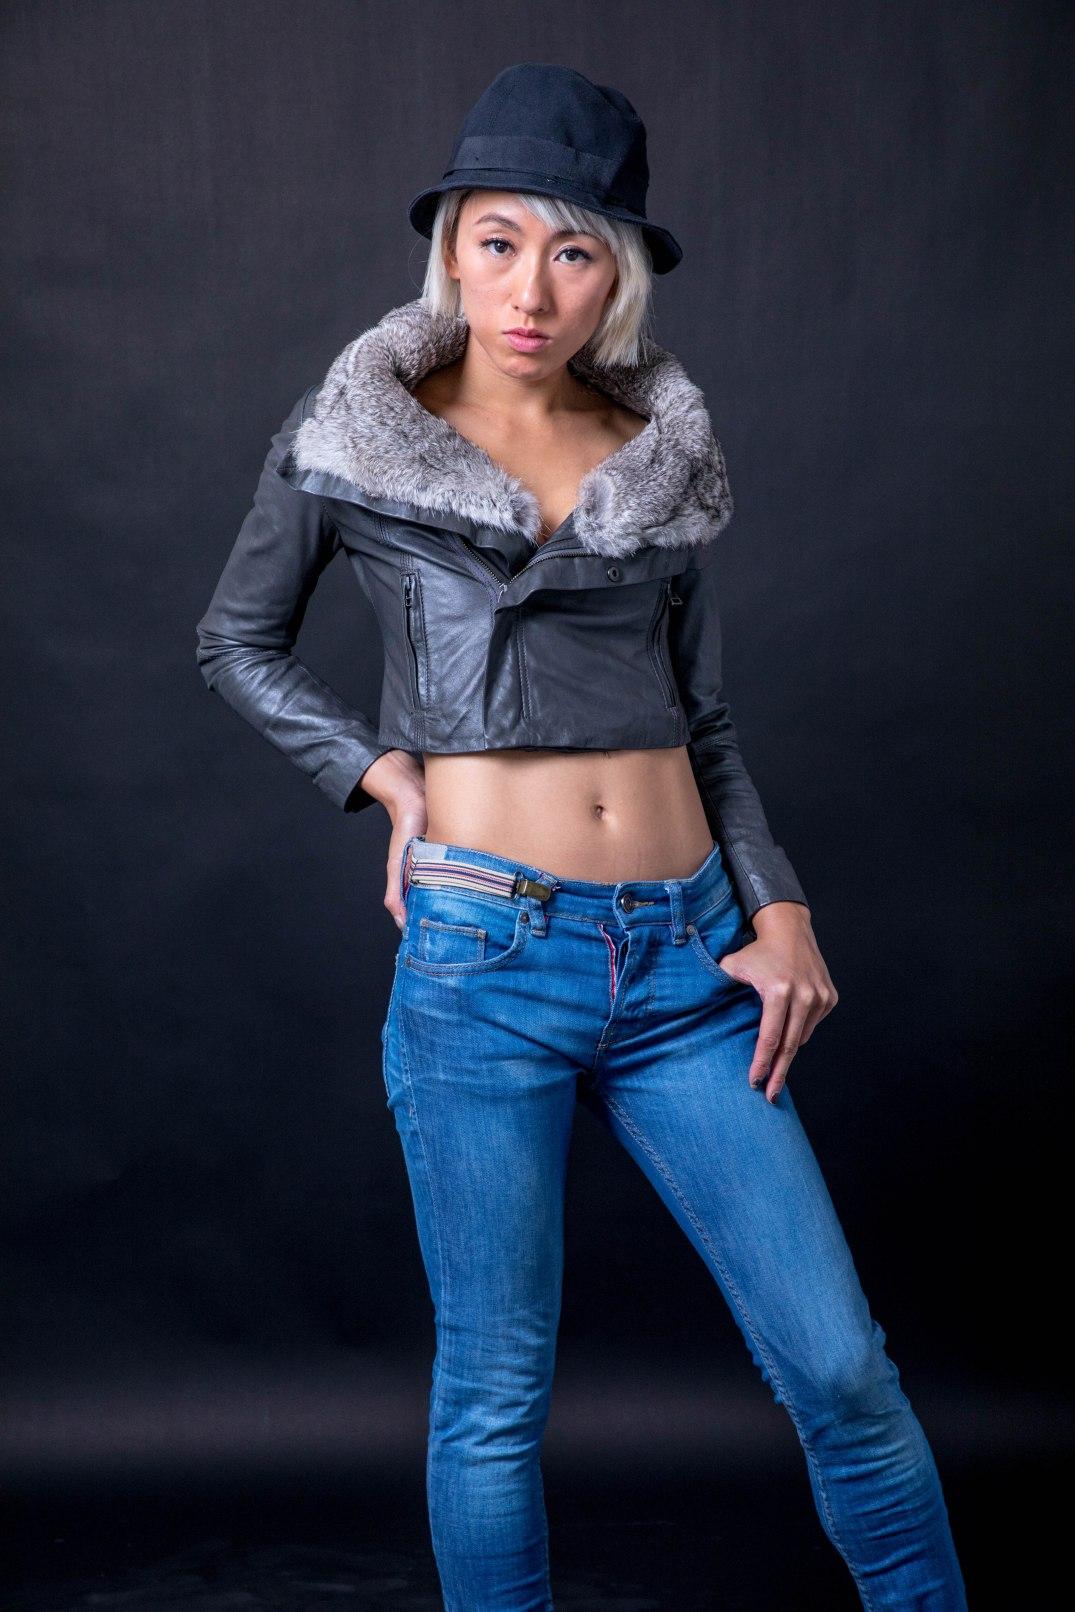 模特兒時裝服裝攝影_化妝髮型服務_租Studio影樓_一站式服務_model_kitty-58